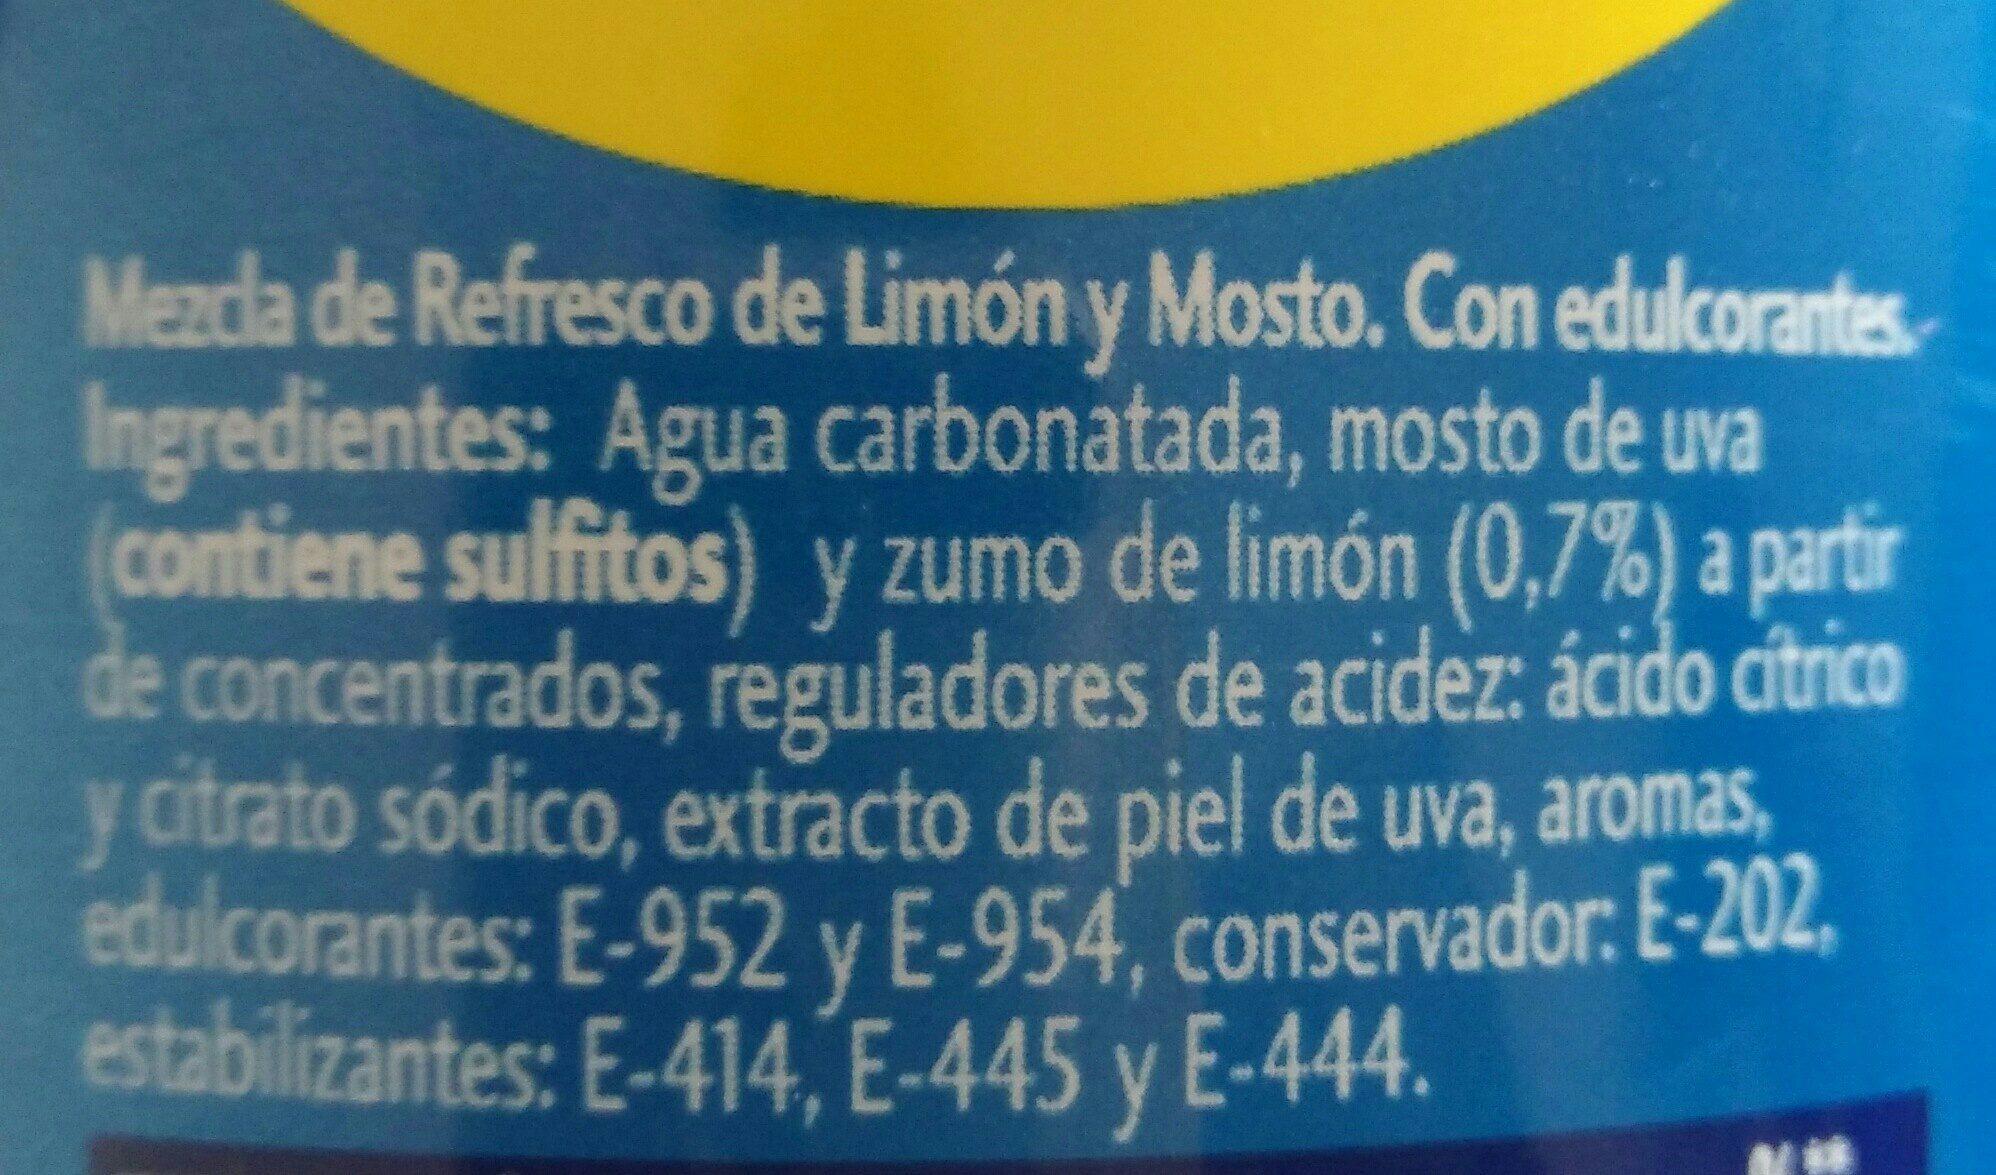 Tinto de verano con refresco de limón sin alcohol - Ingrédients - es